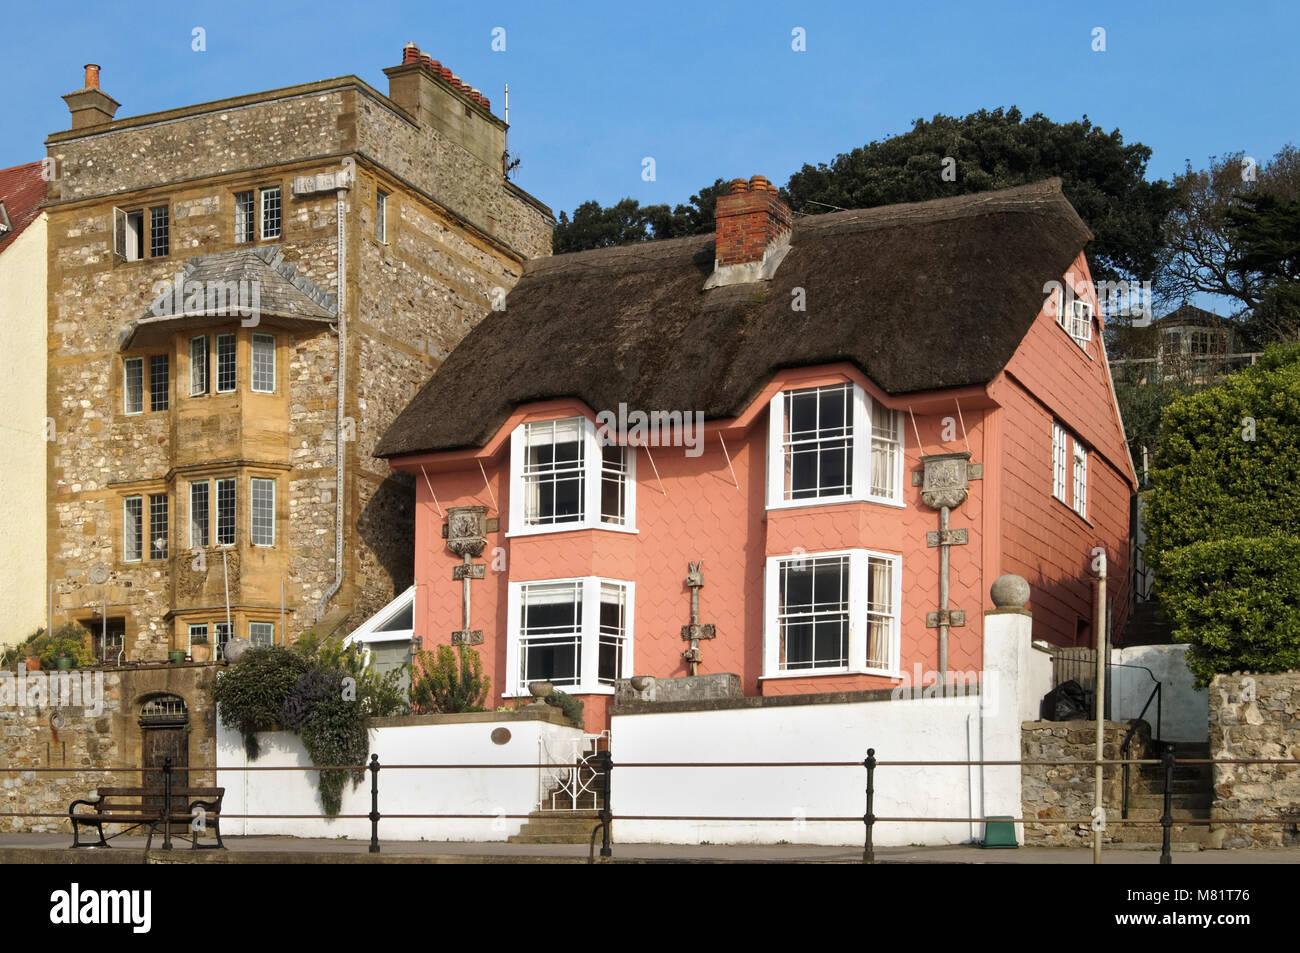 UK,Dorset,Lyme Regis,Library Cottage and Sundial House on Marine Parade - Stock Image